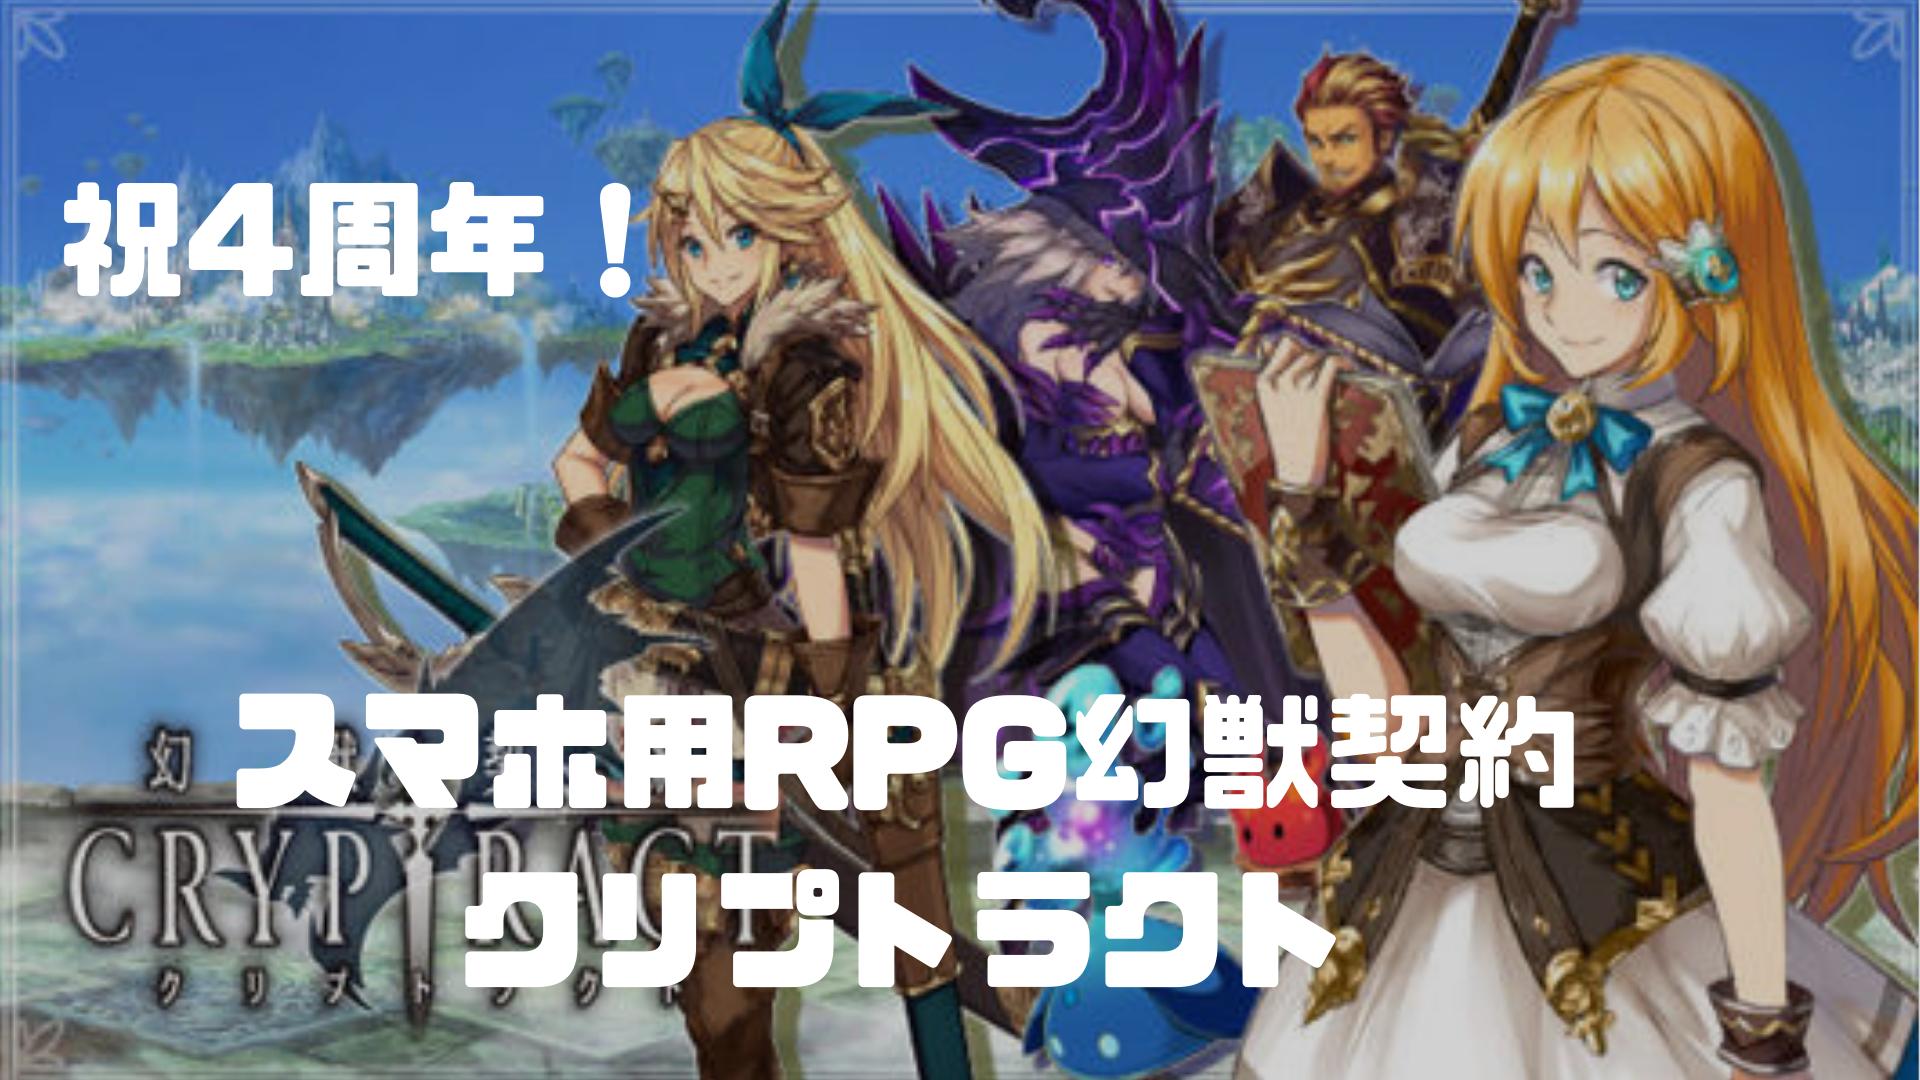 【スマホRPG】幻獣契約クリプトラクトとは?どんなゲームか紹介!